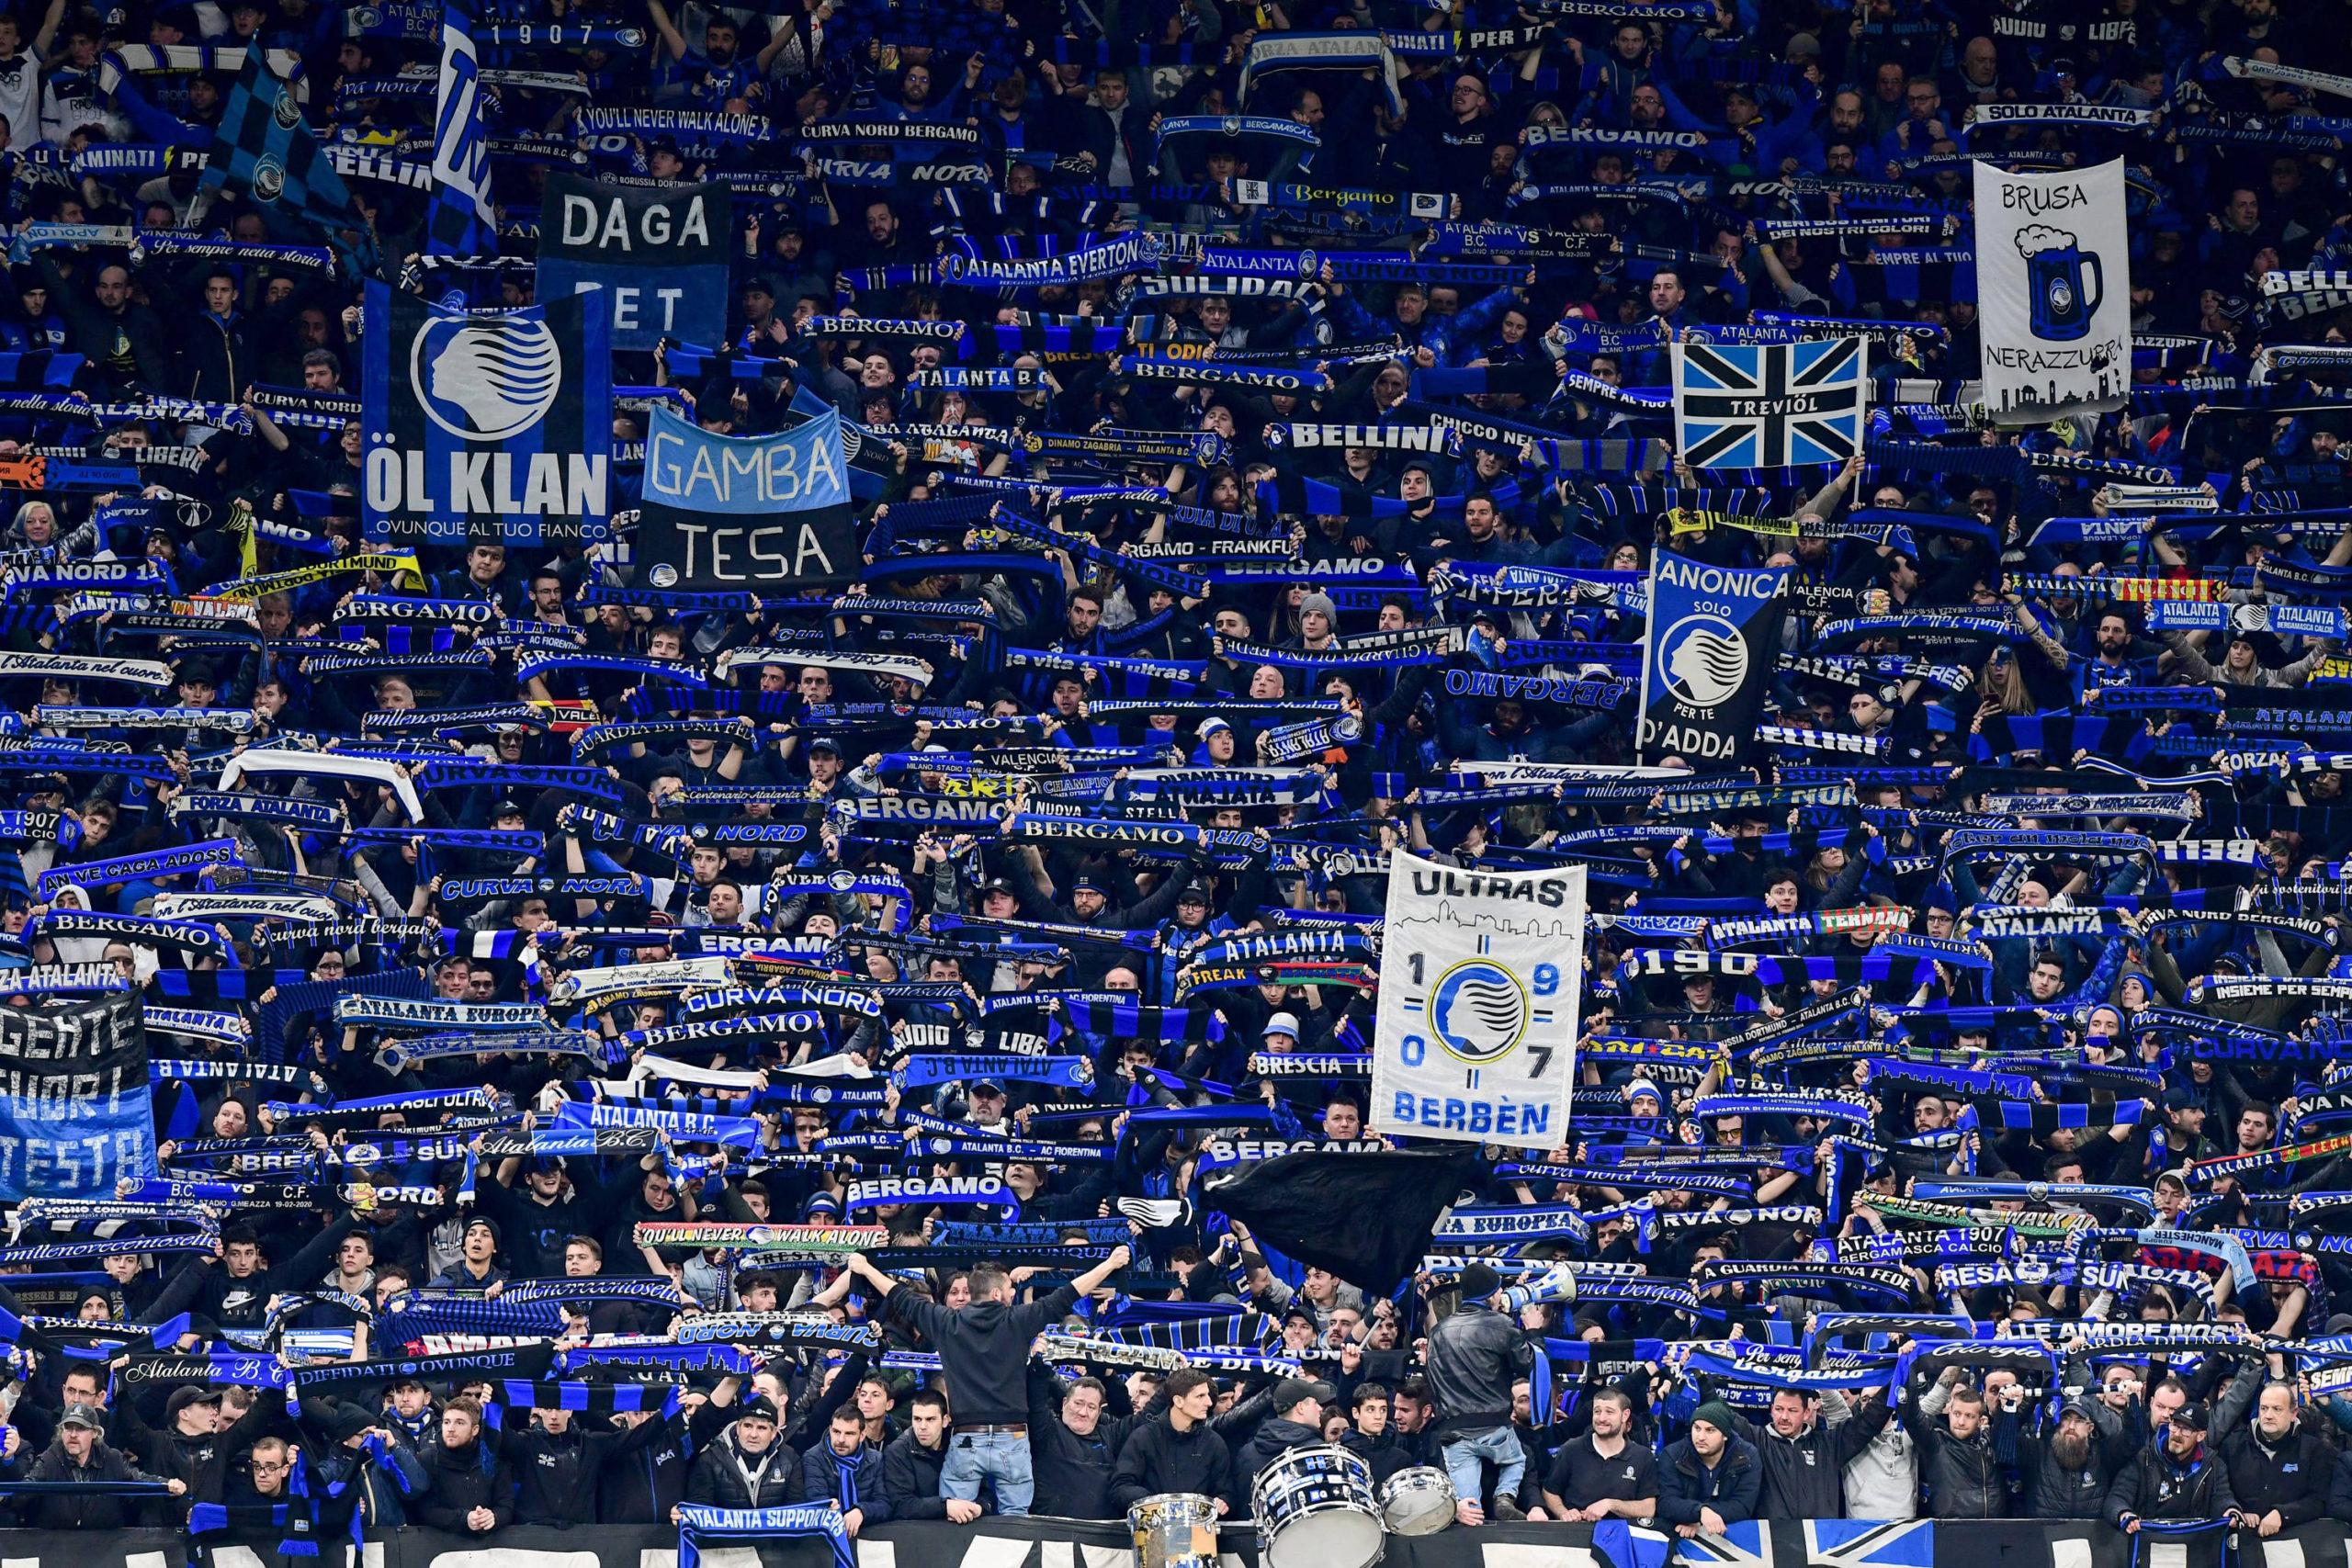 El partido de fútbol que desencadenó el desastre del Coronavirus en Italia